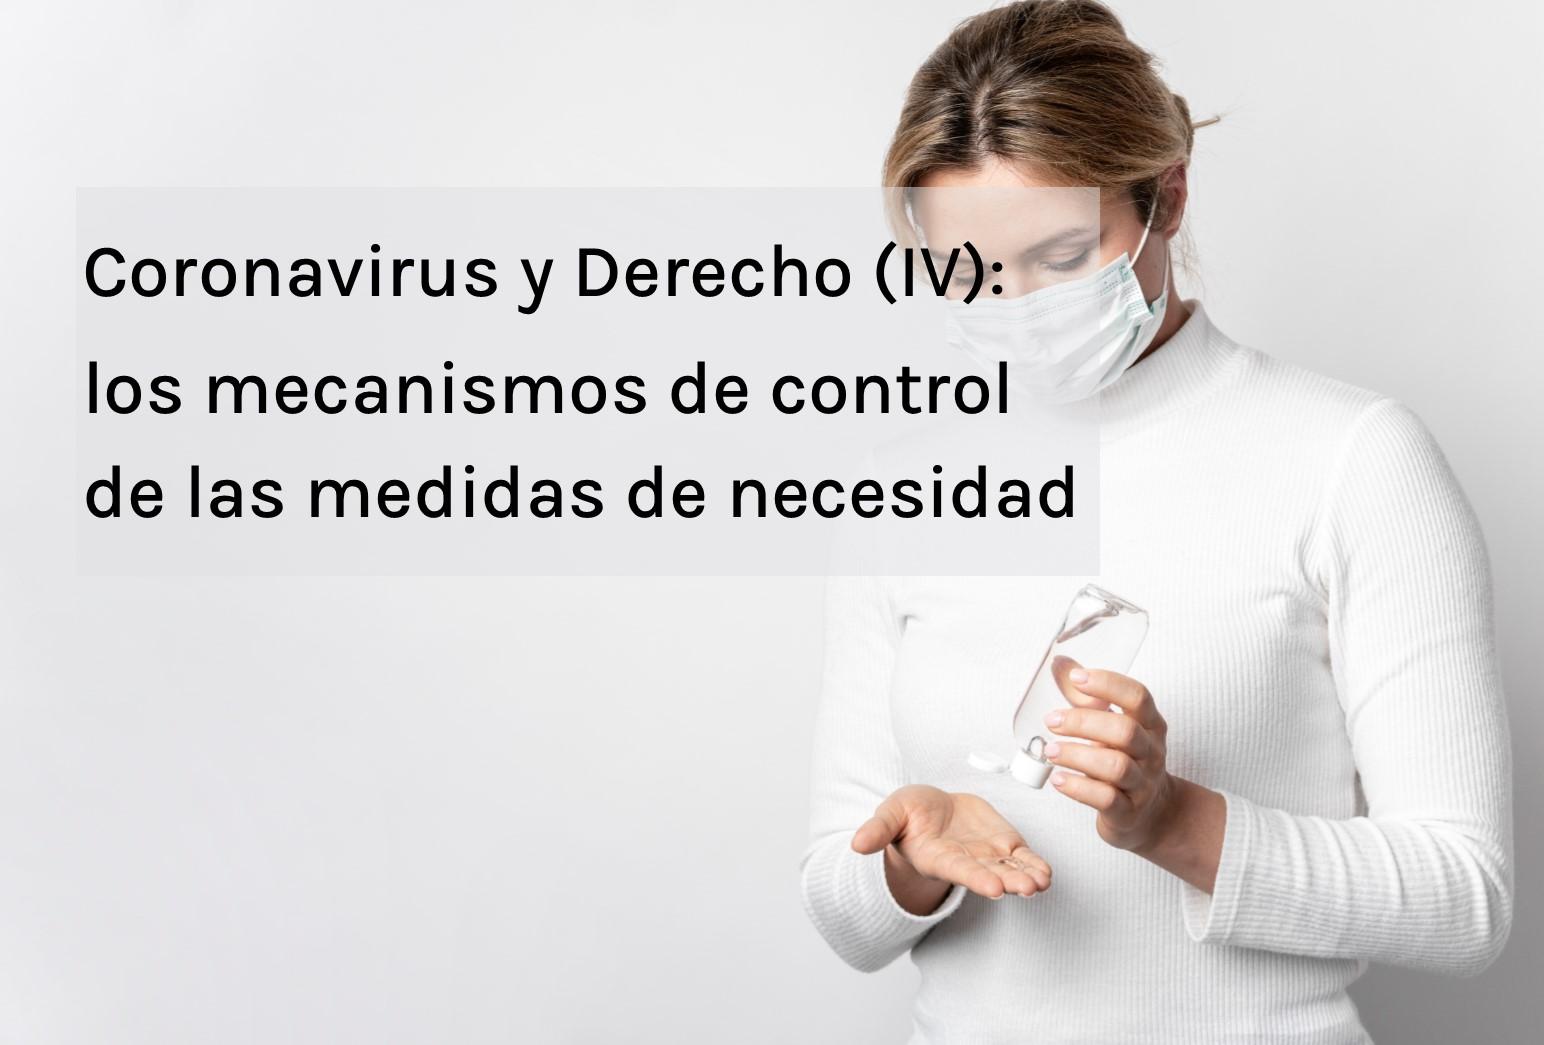 Coronavirus y Derecho IV